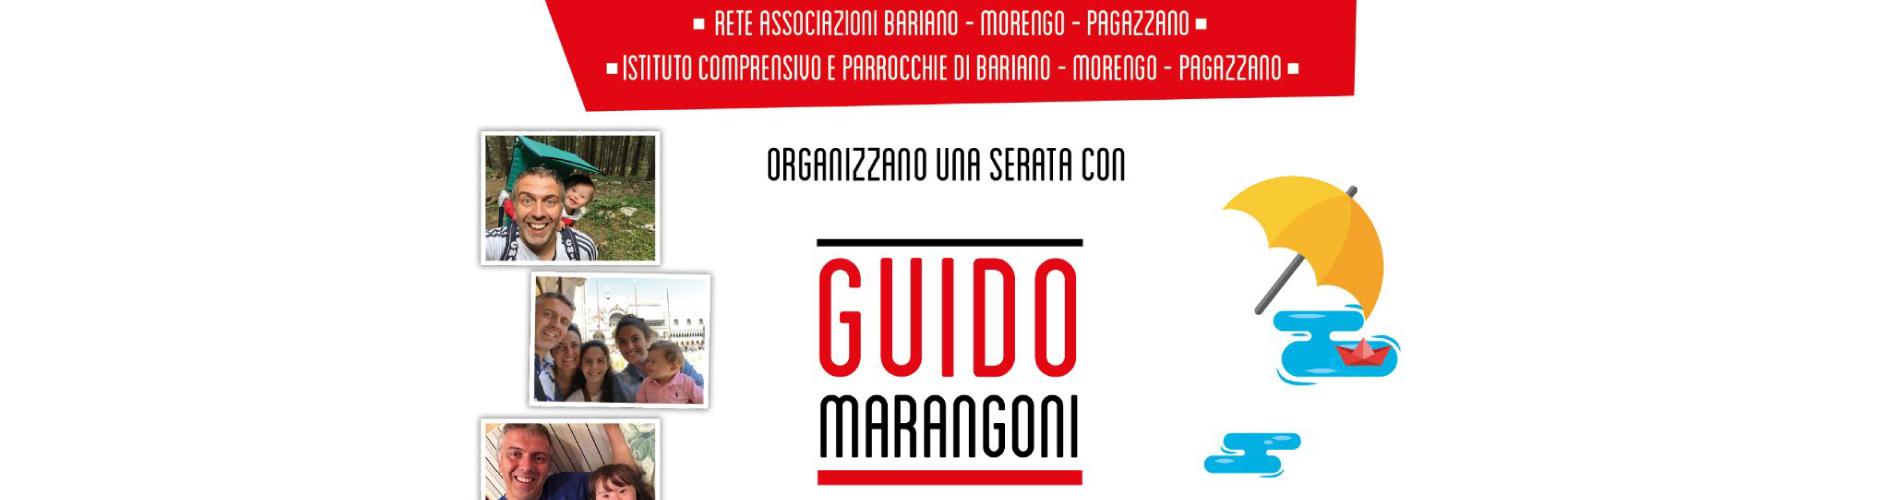 Incontro con Guido Marangoni